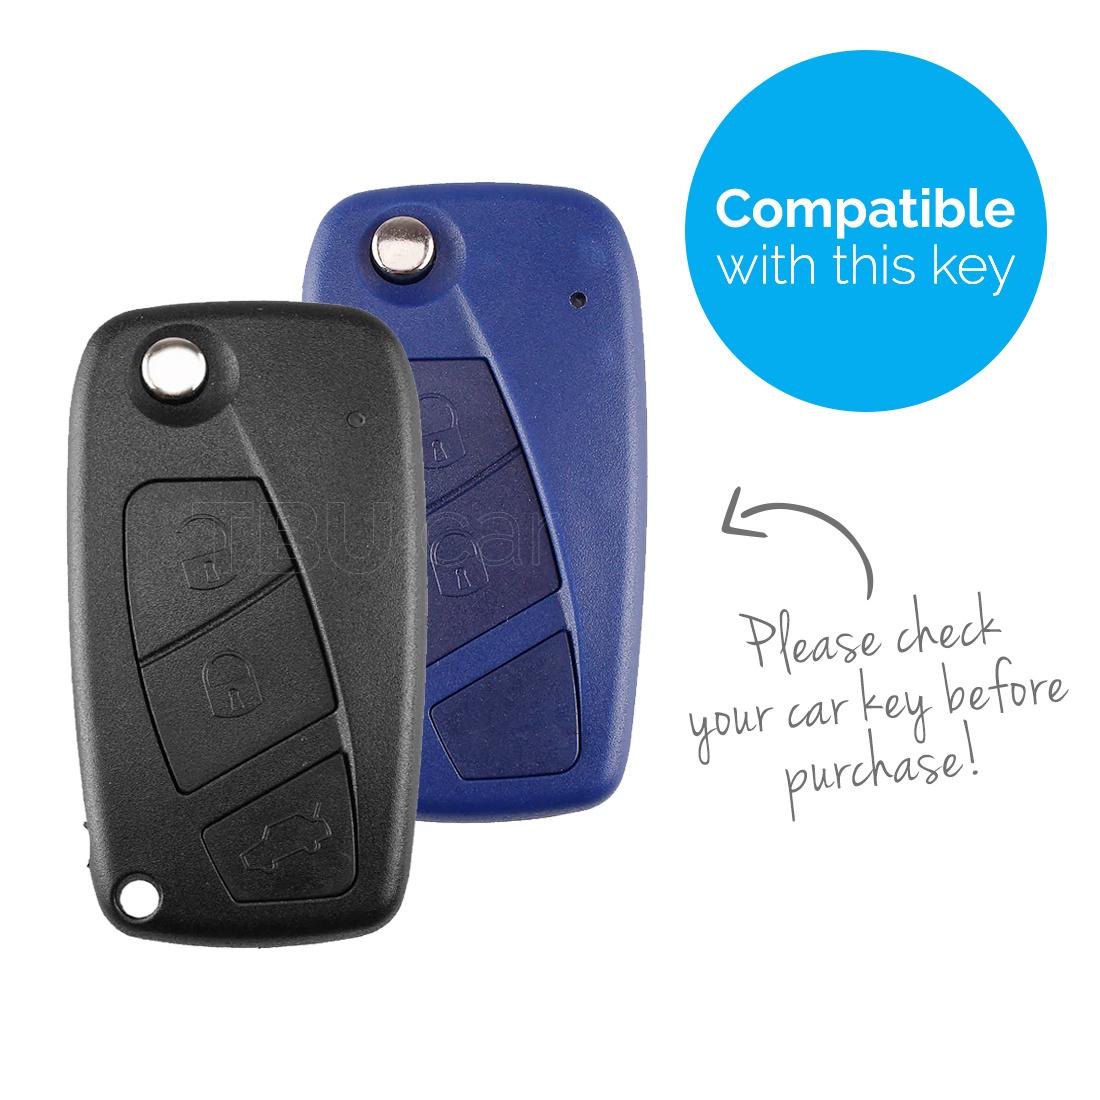 TBU car TBU car Sleutel cover compatibel met Lancia - Silicone sleutelhoesje - beschermhoesje autosleutel - Glow in the Dark